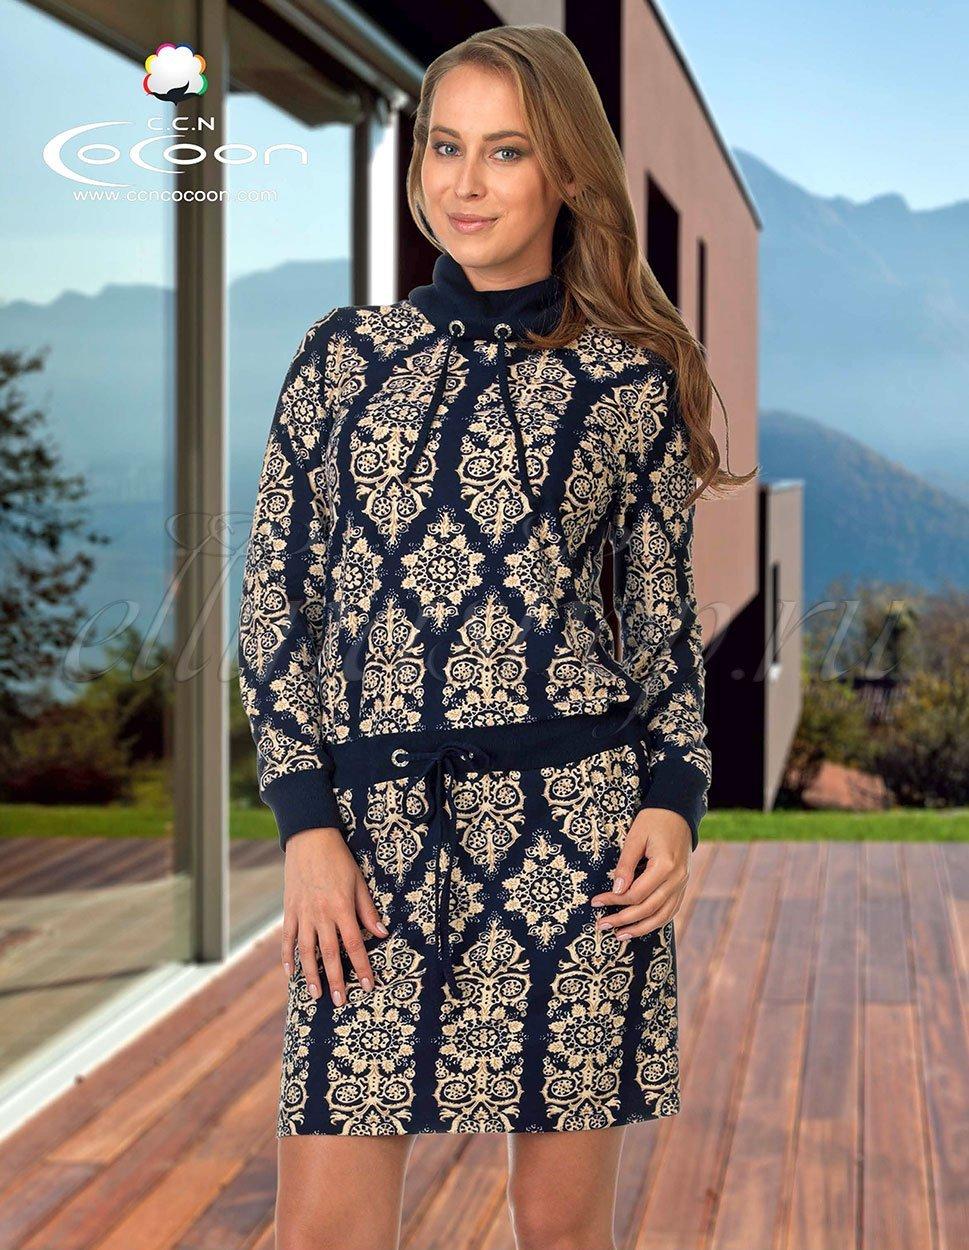 11-6001 Узоры - трикотажное платье Cocoon